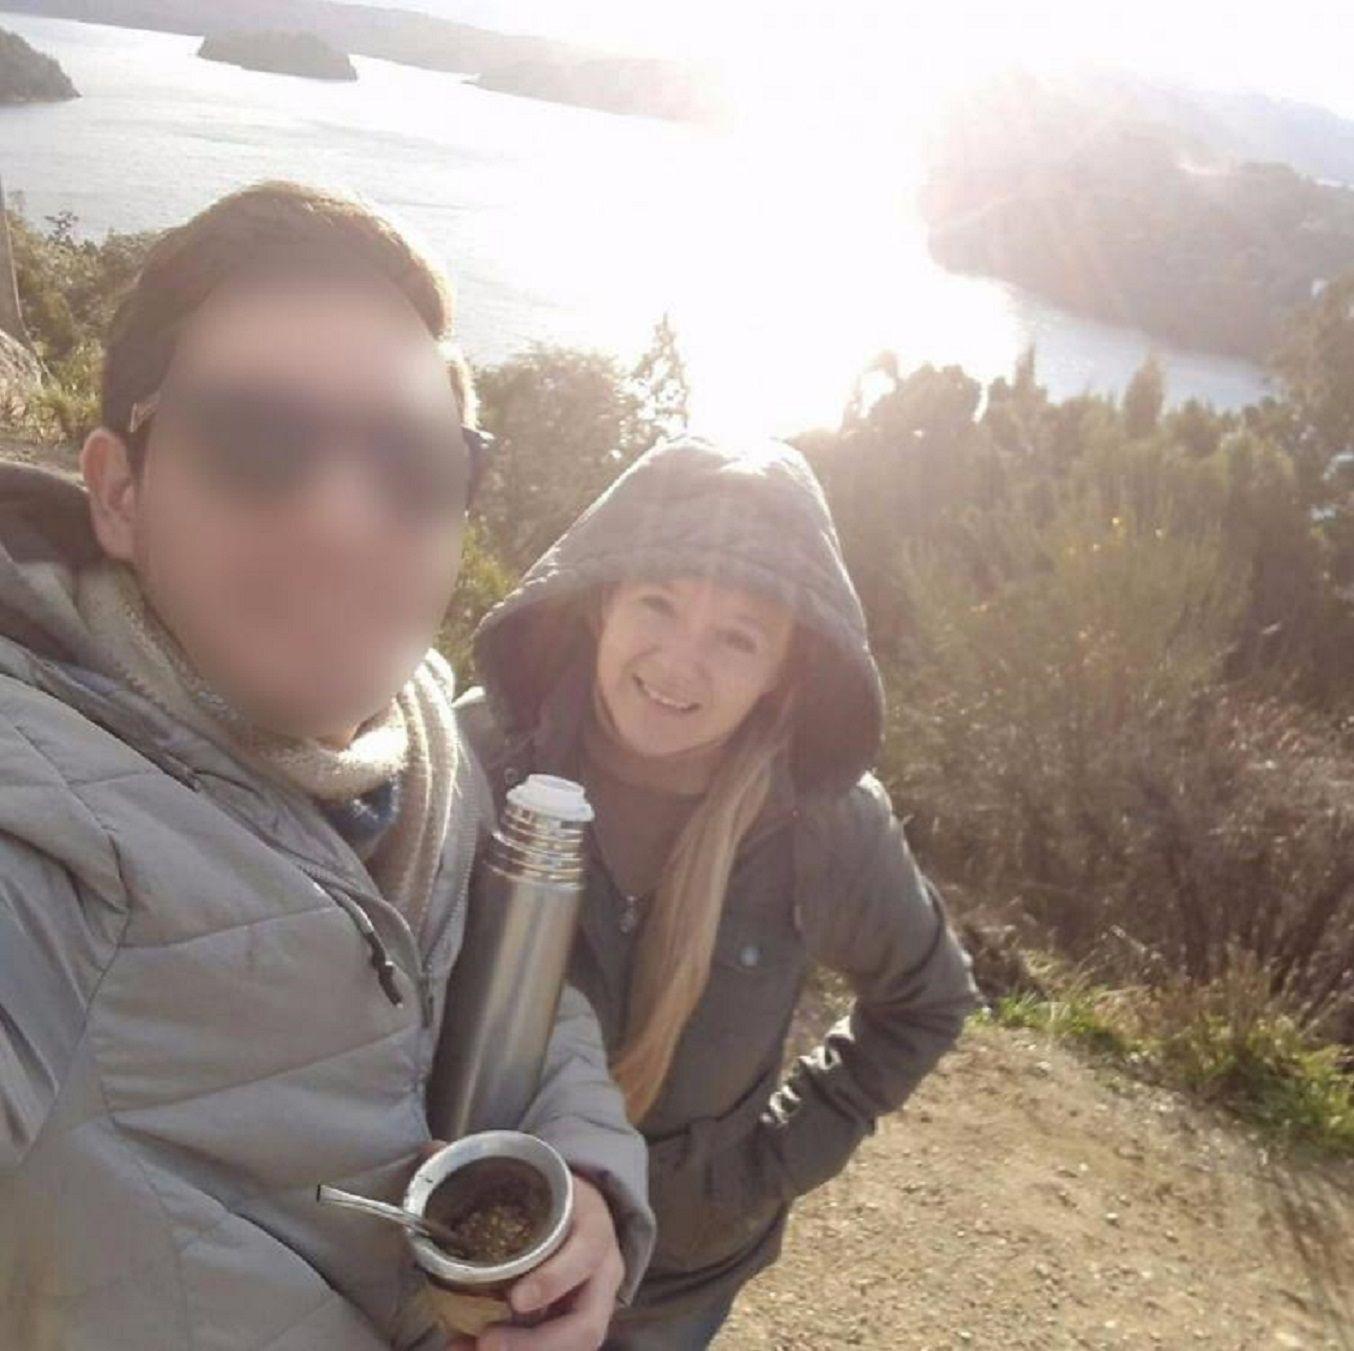 El novio deJésica fue detenido sospechado de participar en el homicidio. Gentileza deLT10